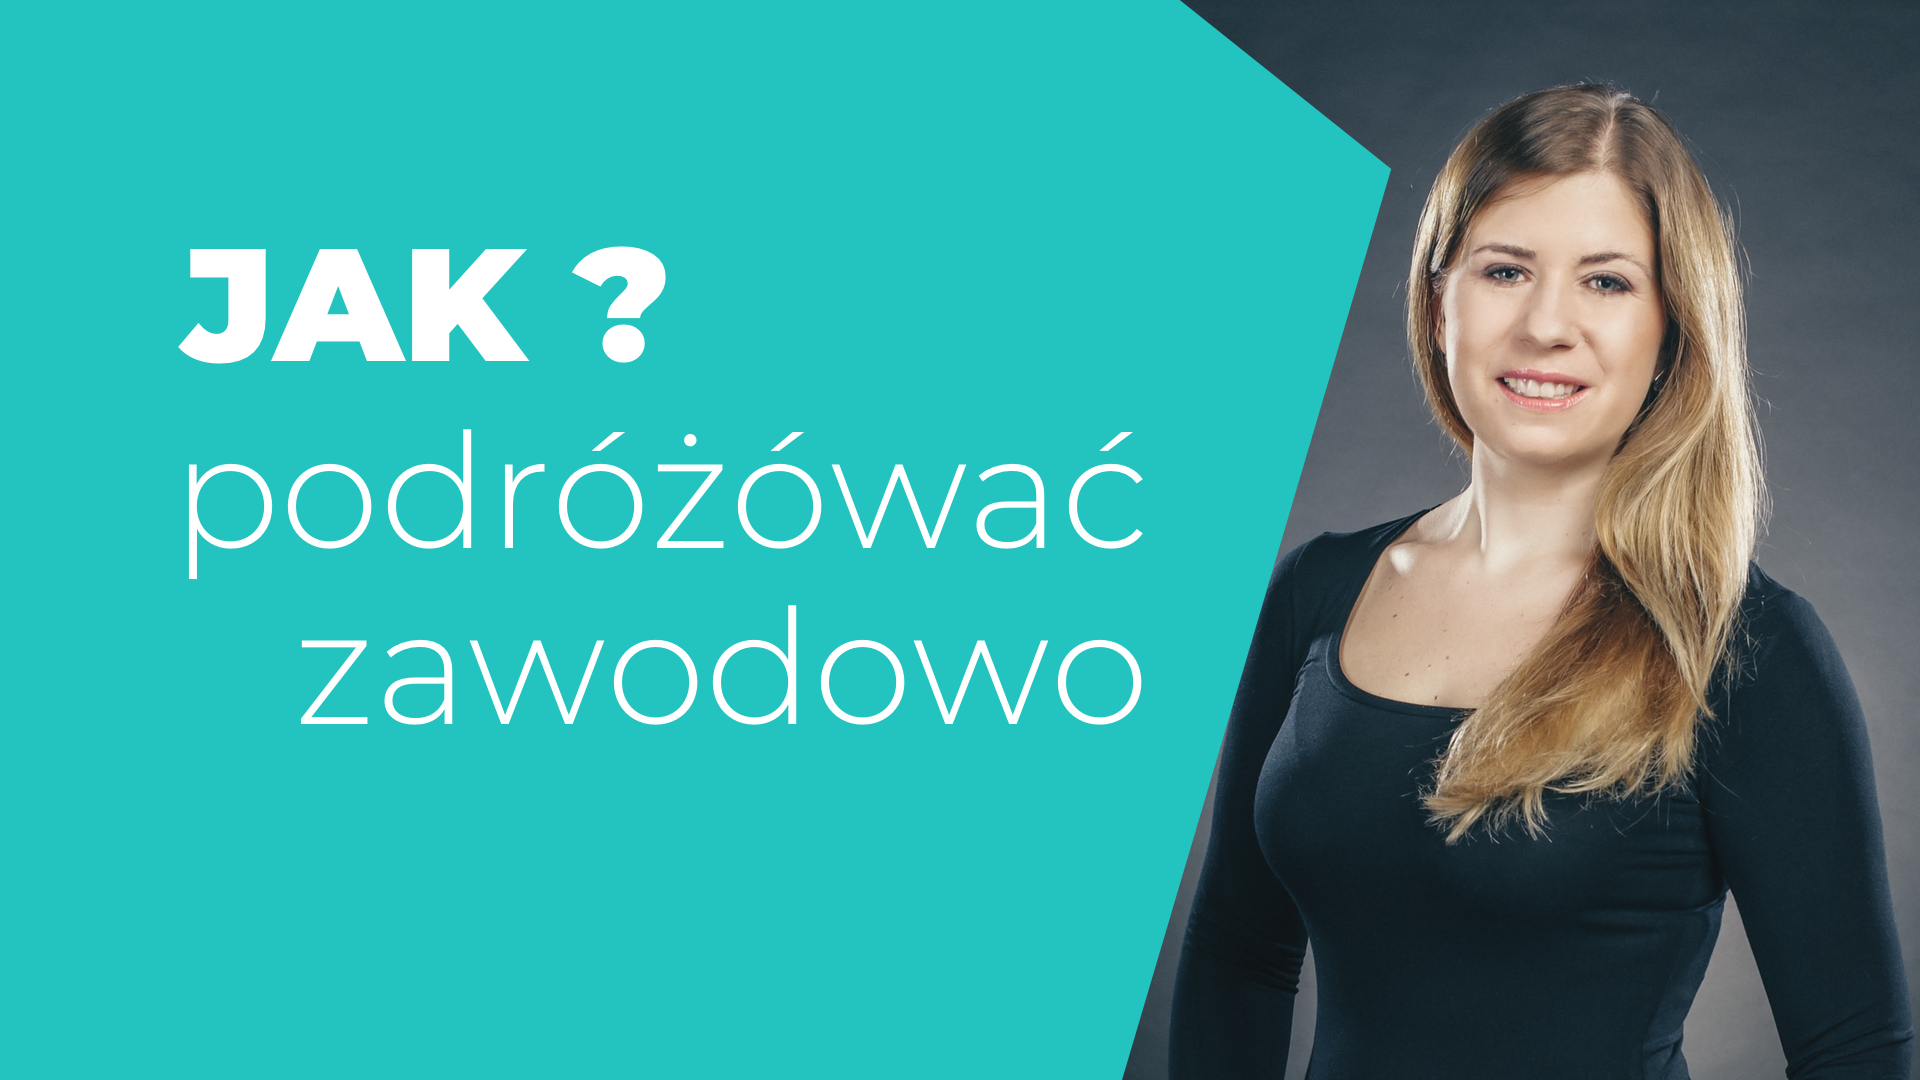 Jak podróżować zawodowo Agnieszka Lewandowska